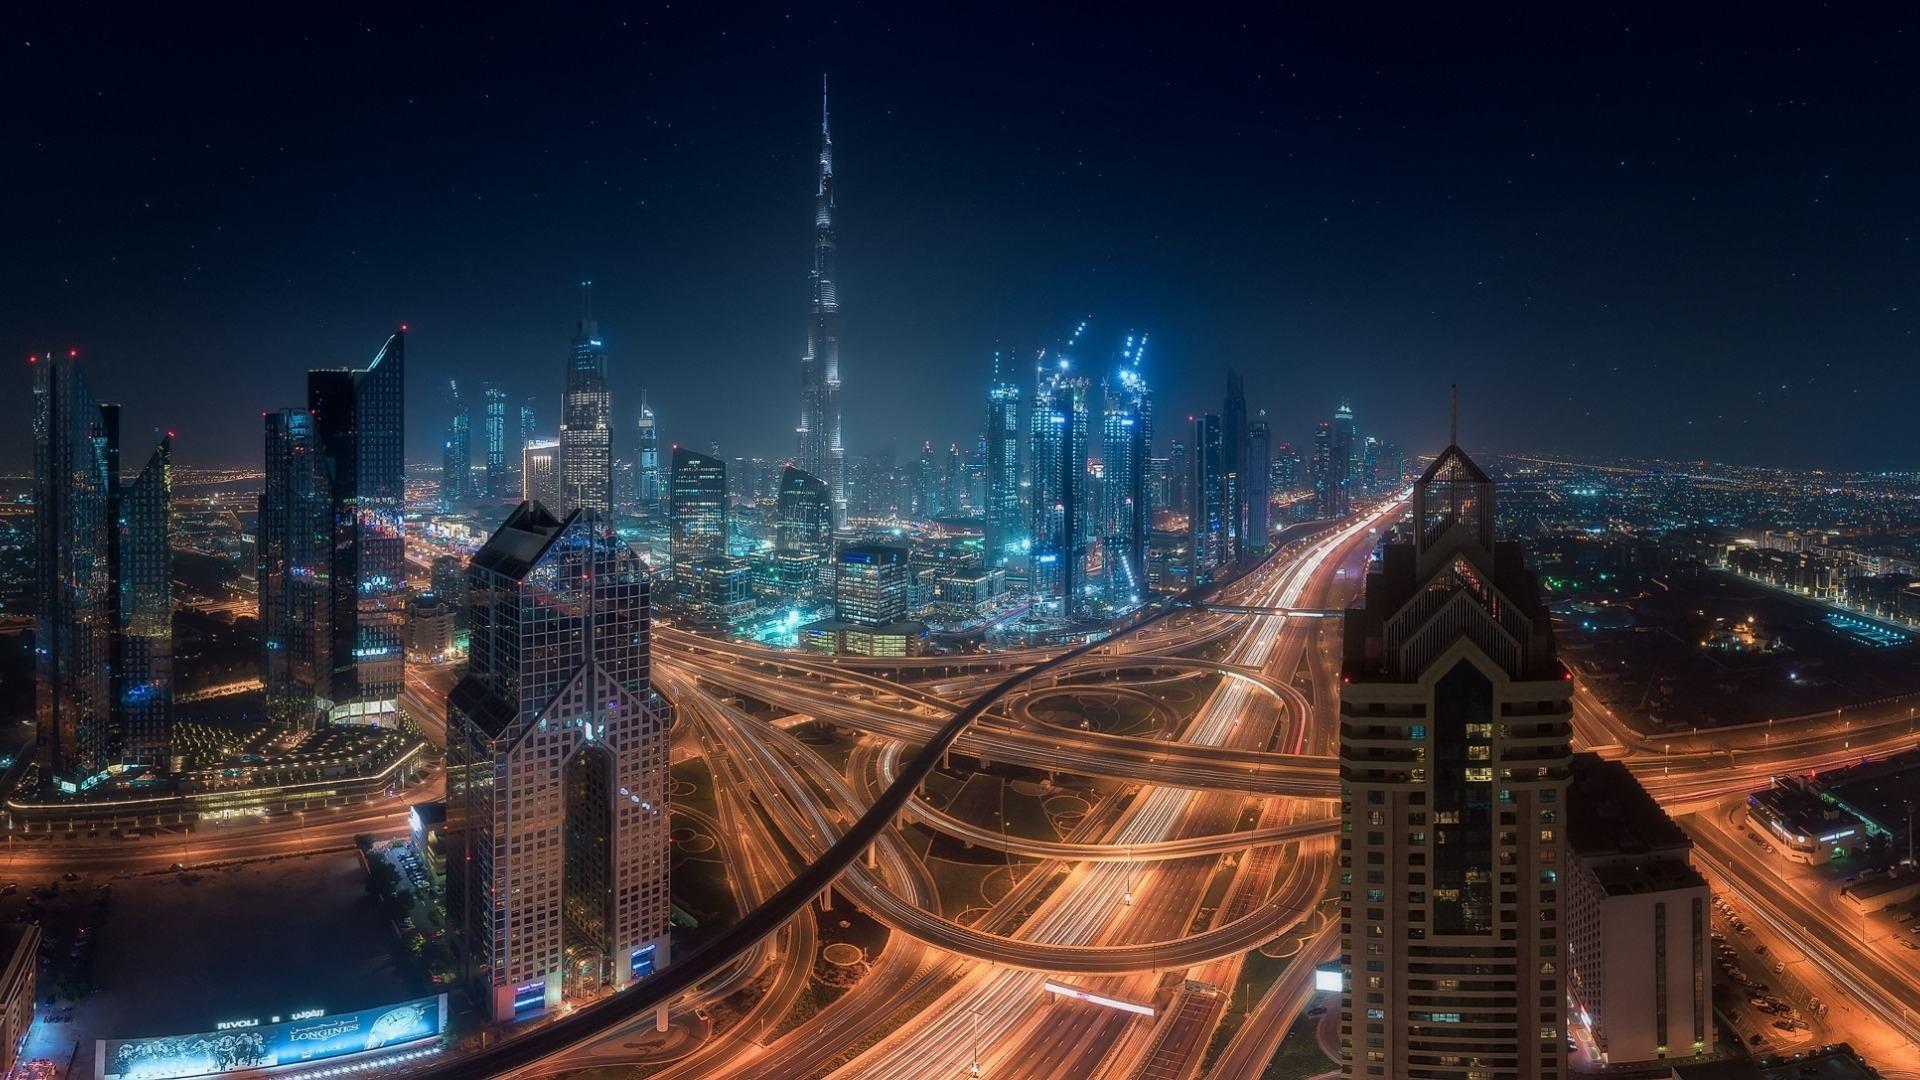 2019年投资阿联酋房产怎么样?迪拜未来房价会涨吗? - 得居房产百科